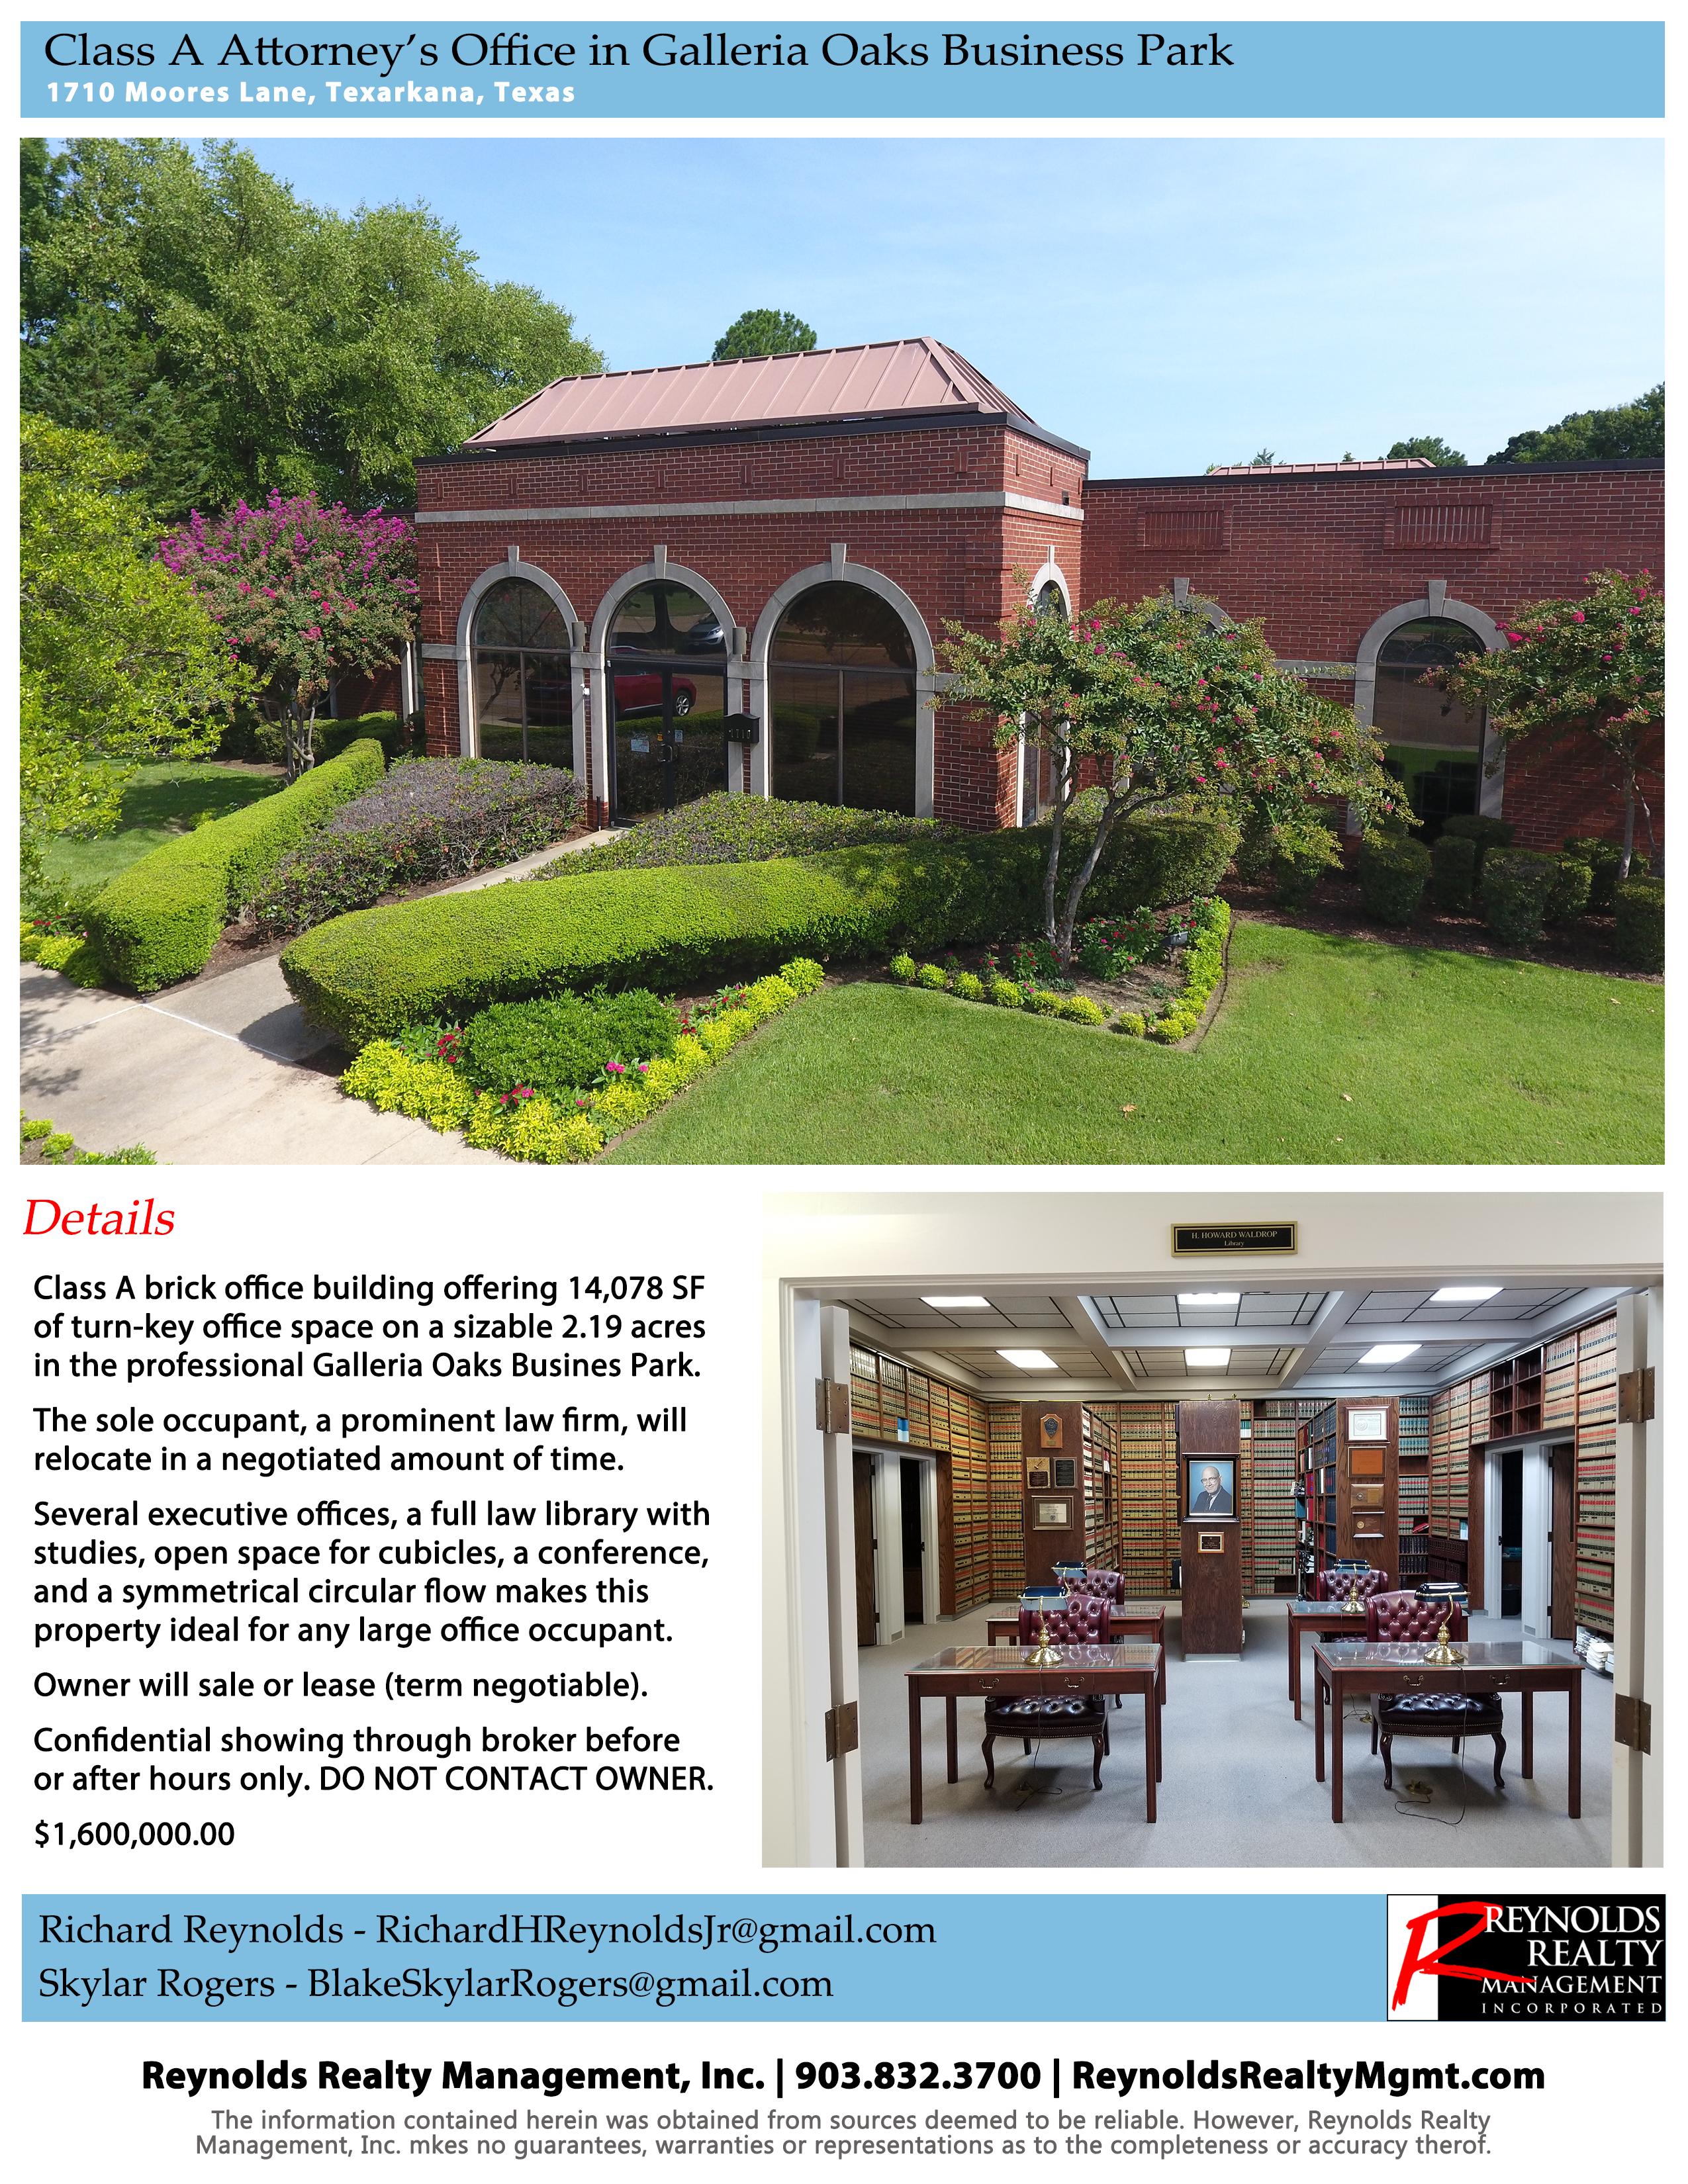 1710 Moores Lane, Class A Office Building, Texarkana, Texas